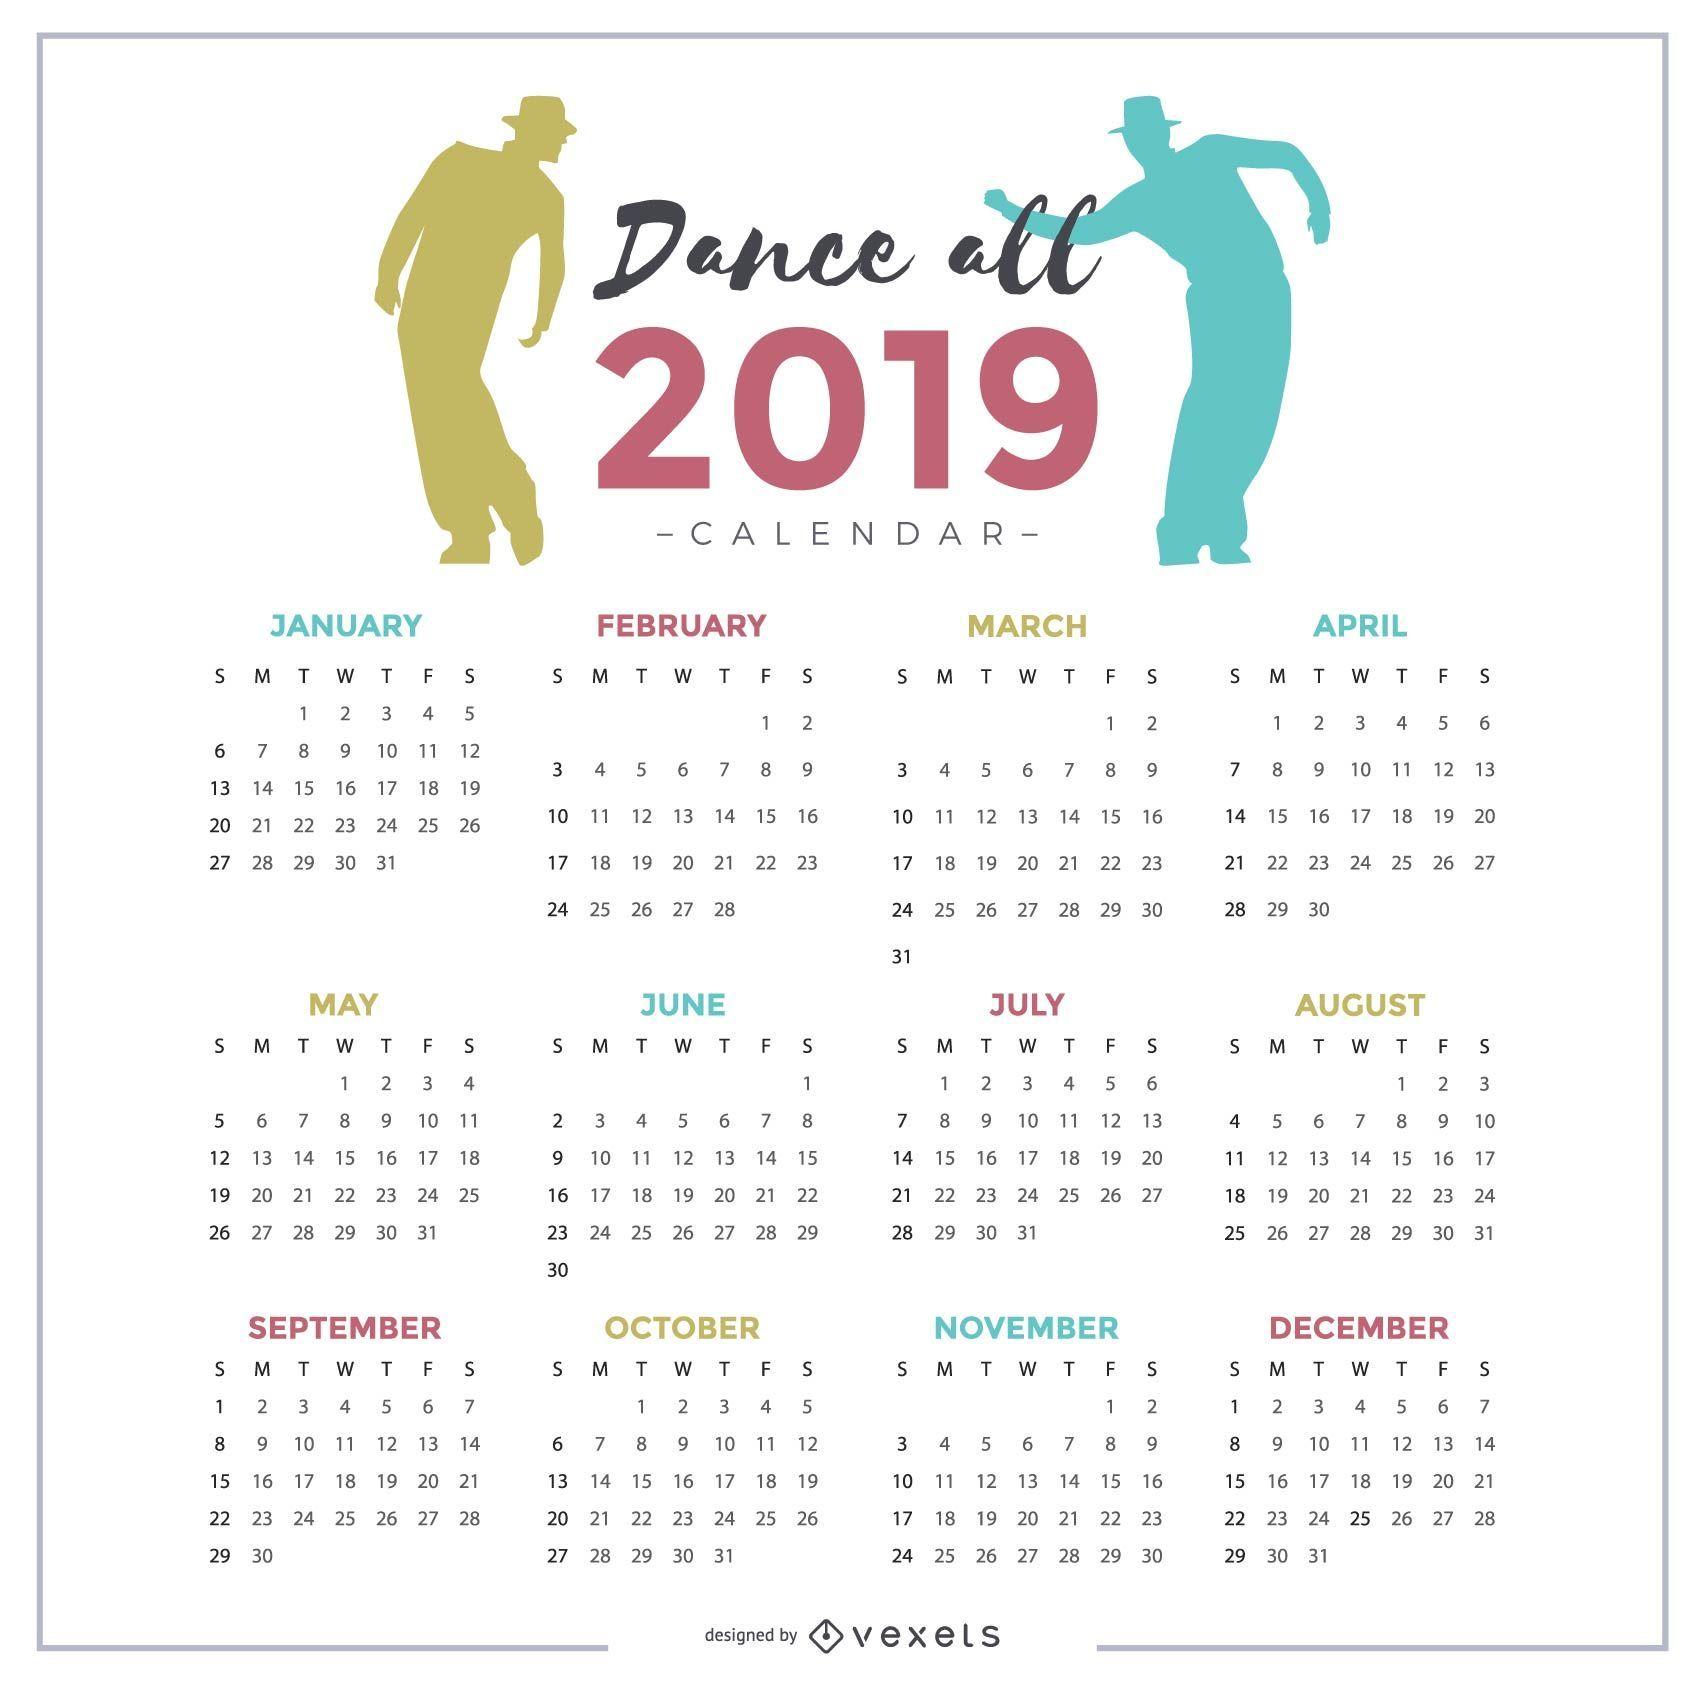 Dance All 2019 Calendar Design